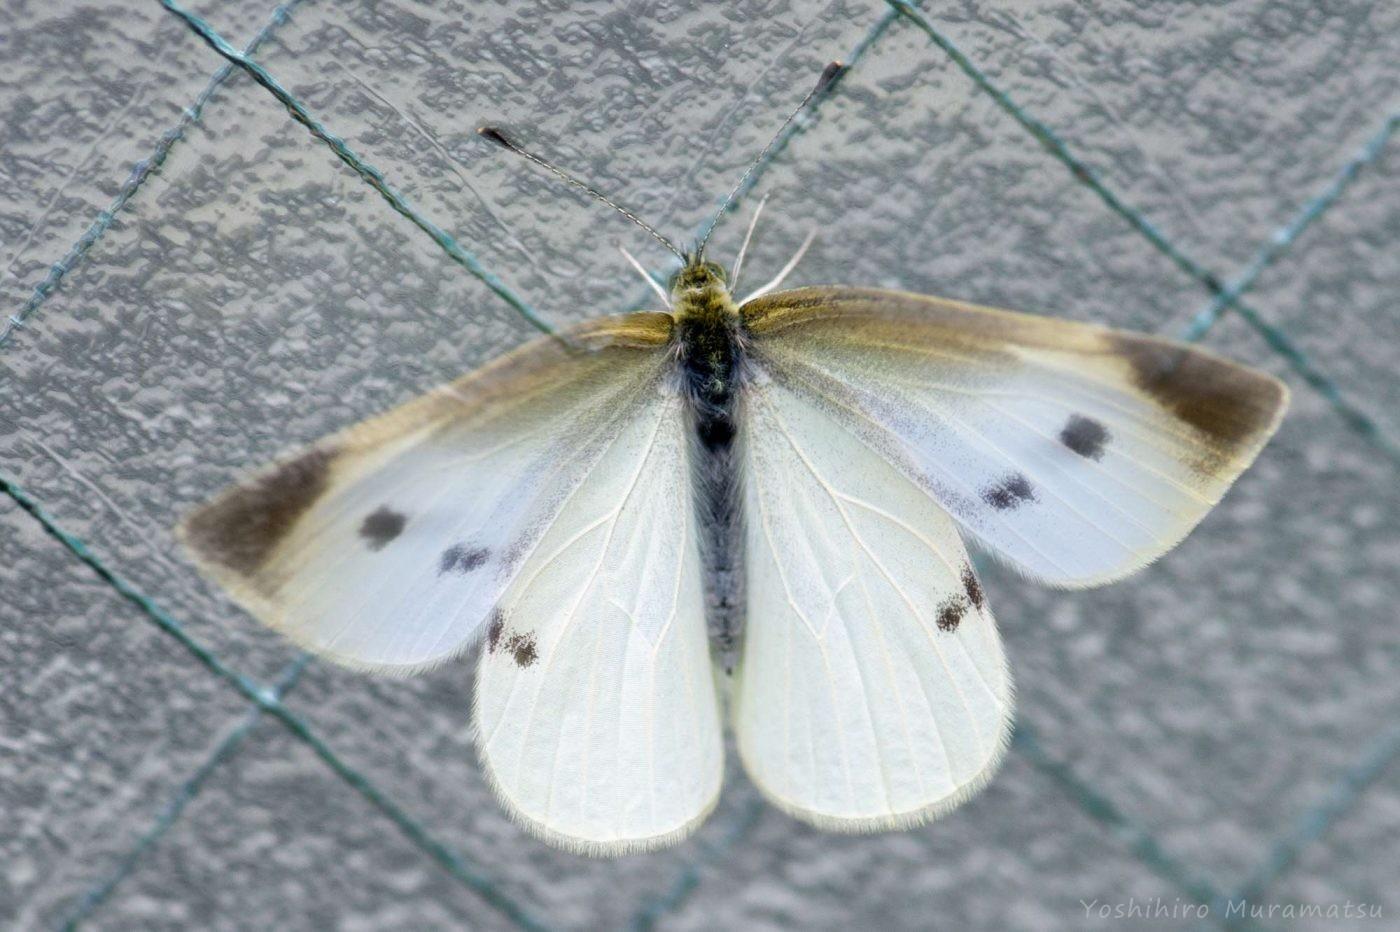 モンシロチョウのメスの写真